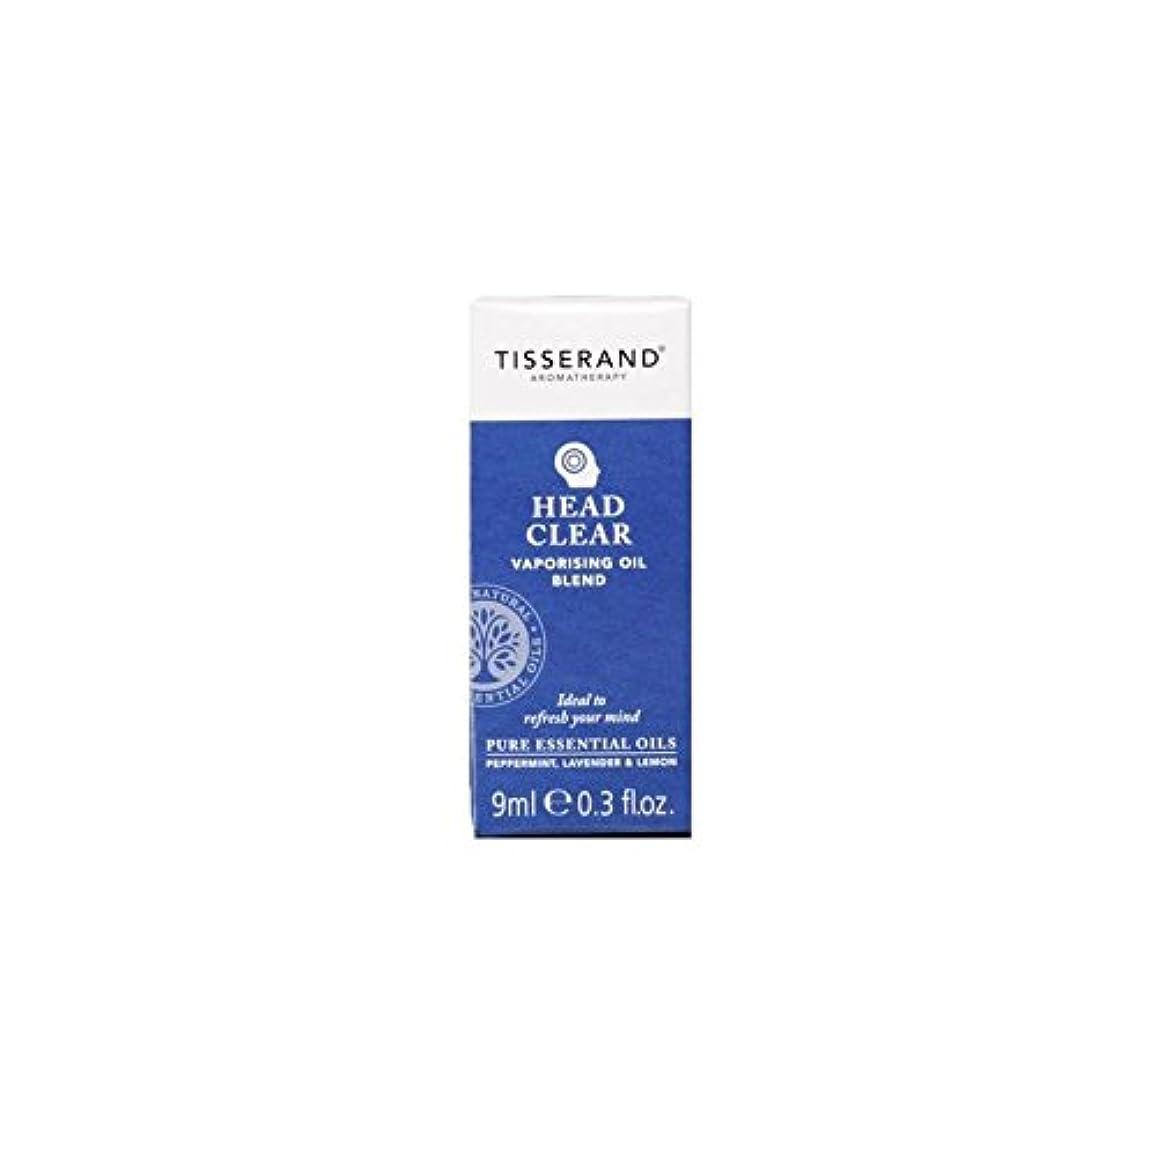 感性信頼性のある前ヘッド明確な気化油の9ミリリットル (Tisserand) (x 4) - Tisserand Head Clear Vaporising Oil 9ml (Pack of 4) [並行輸入品]